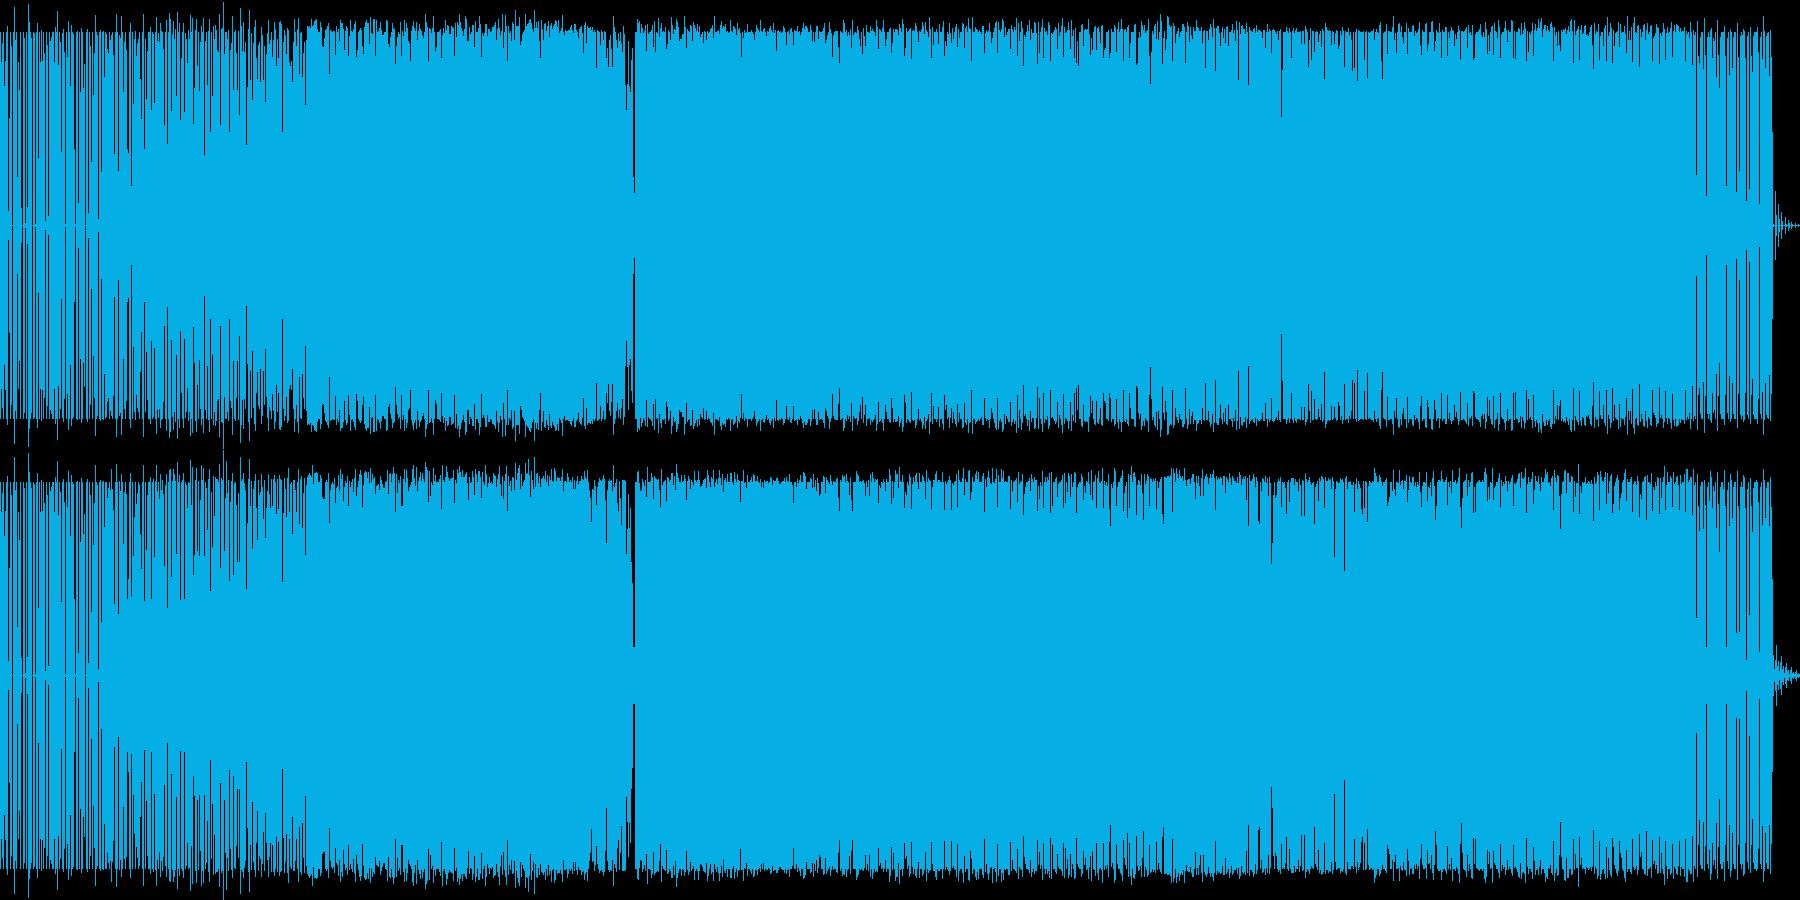 テクノミュージックの再生済みの波形